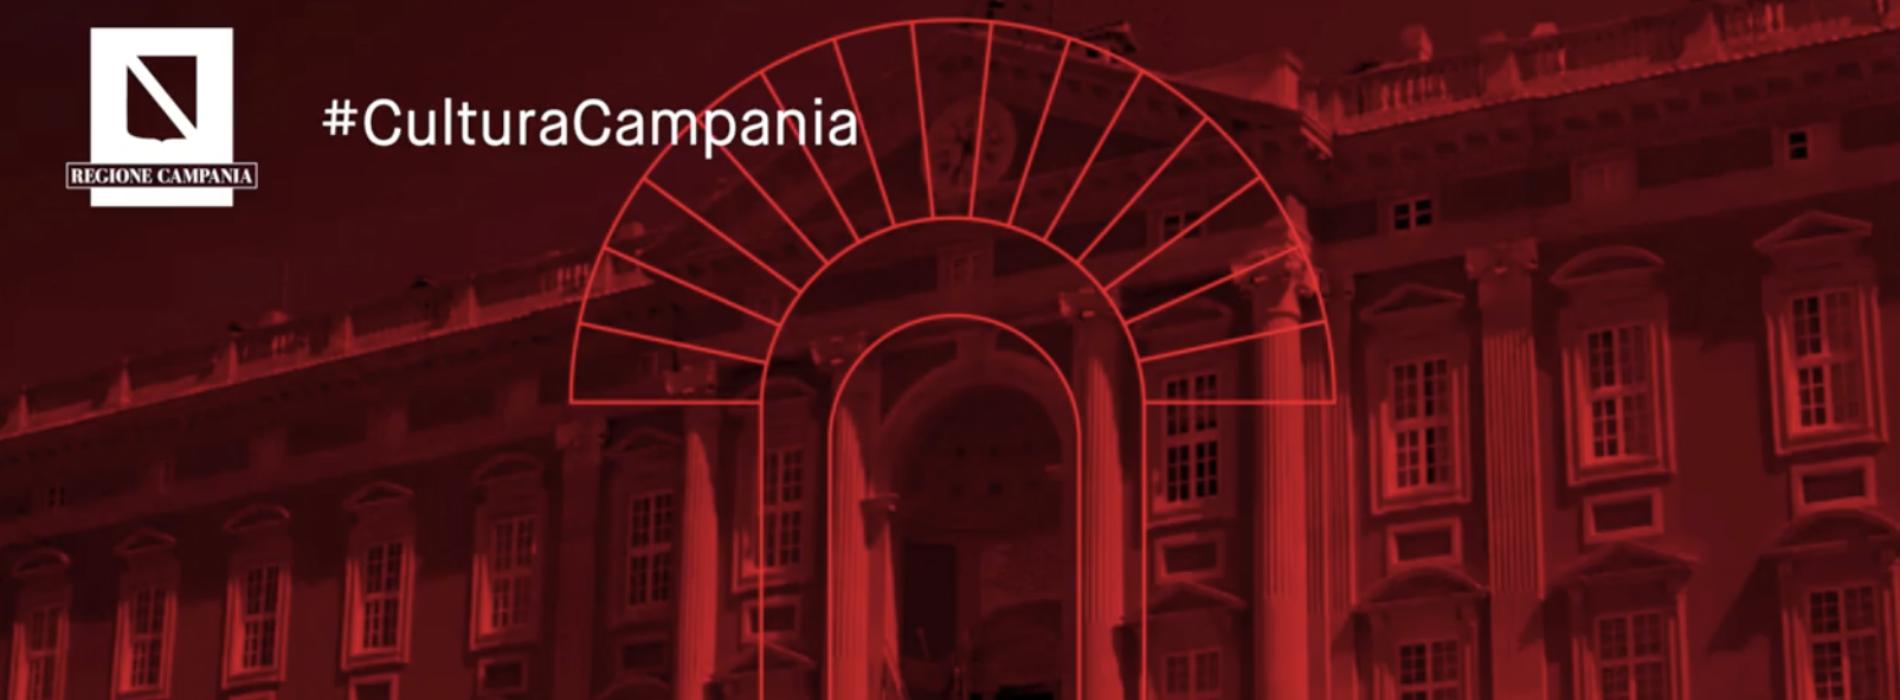 Rosso vanvitelliano, Fabbrica Wojtyla in viaggio nei siti storici. Video